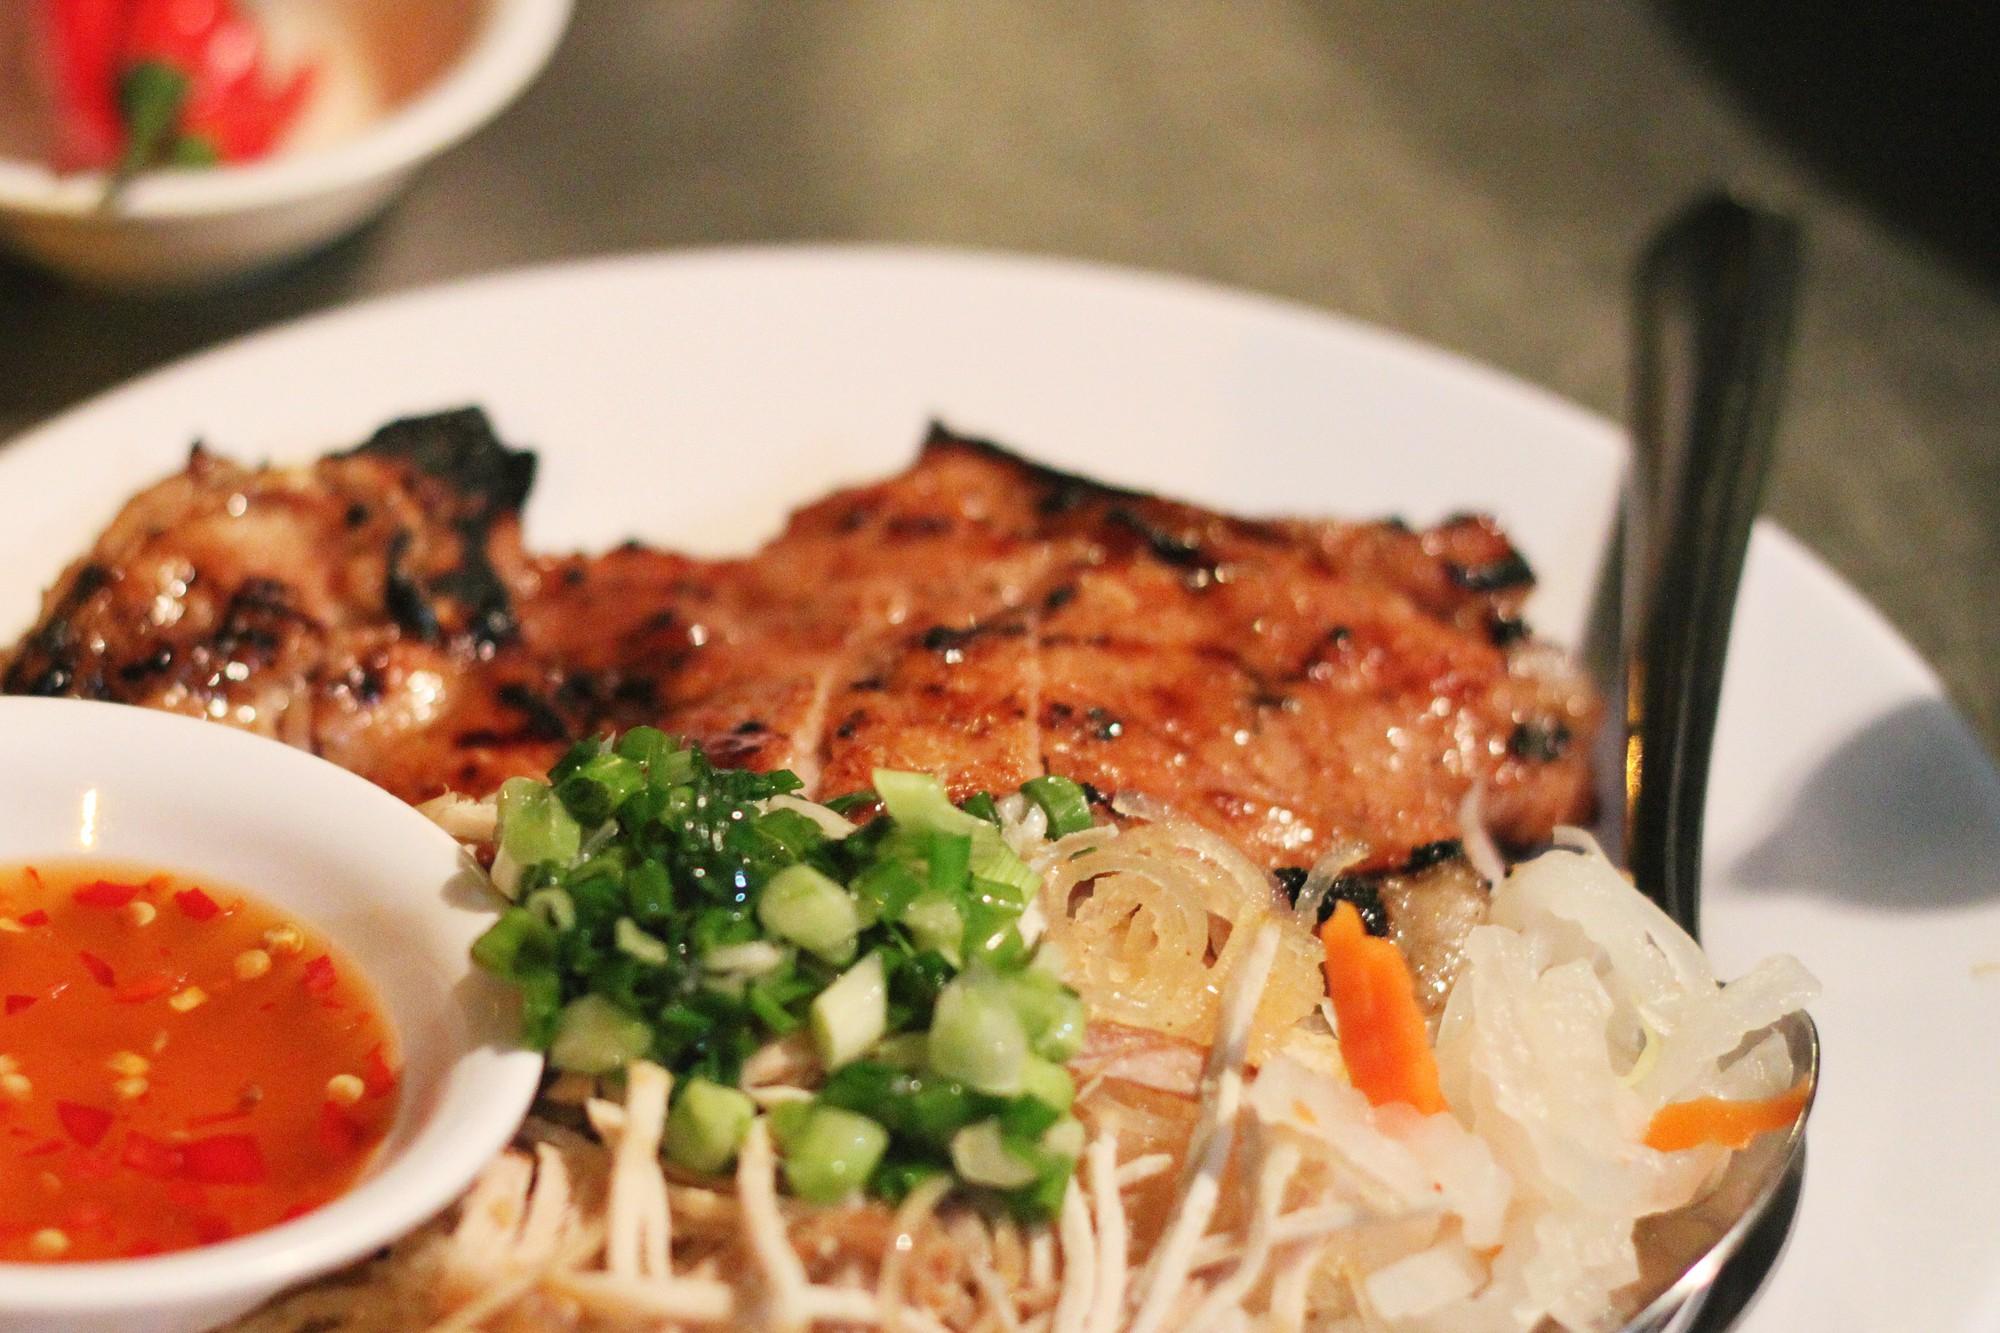 Sài Gòn có những quán ăn thách thức thực khách nhưng chẳng ai thấy phiền, thậm chí còn chưa bao giờ bớt... đông - Ảnh 3.